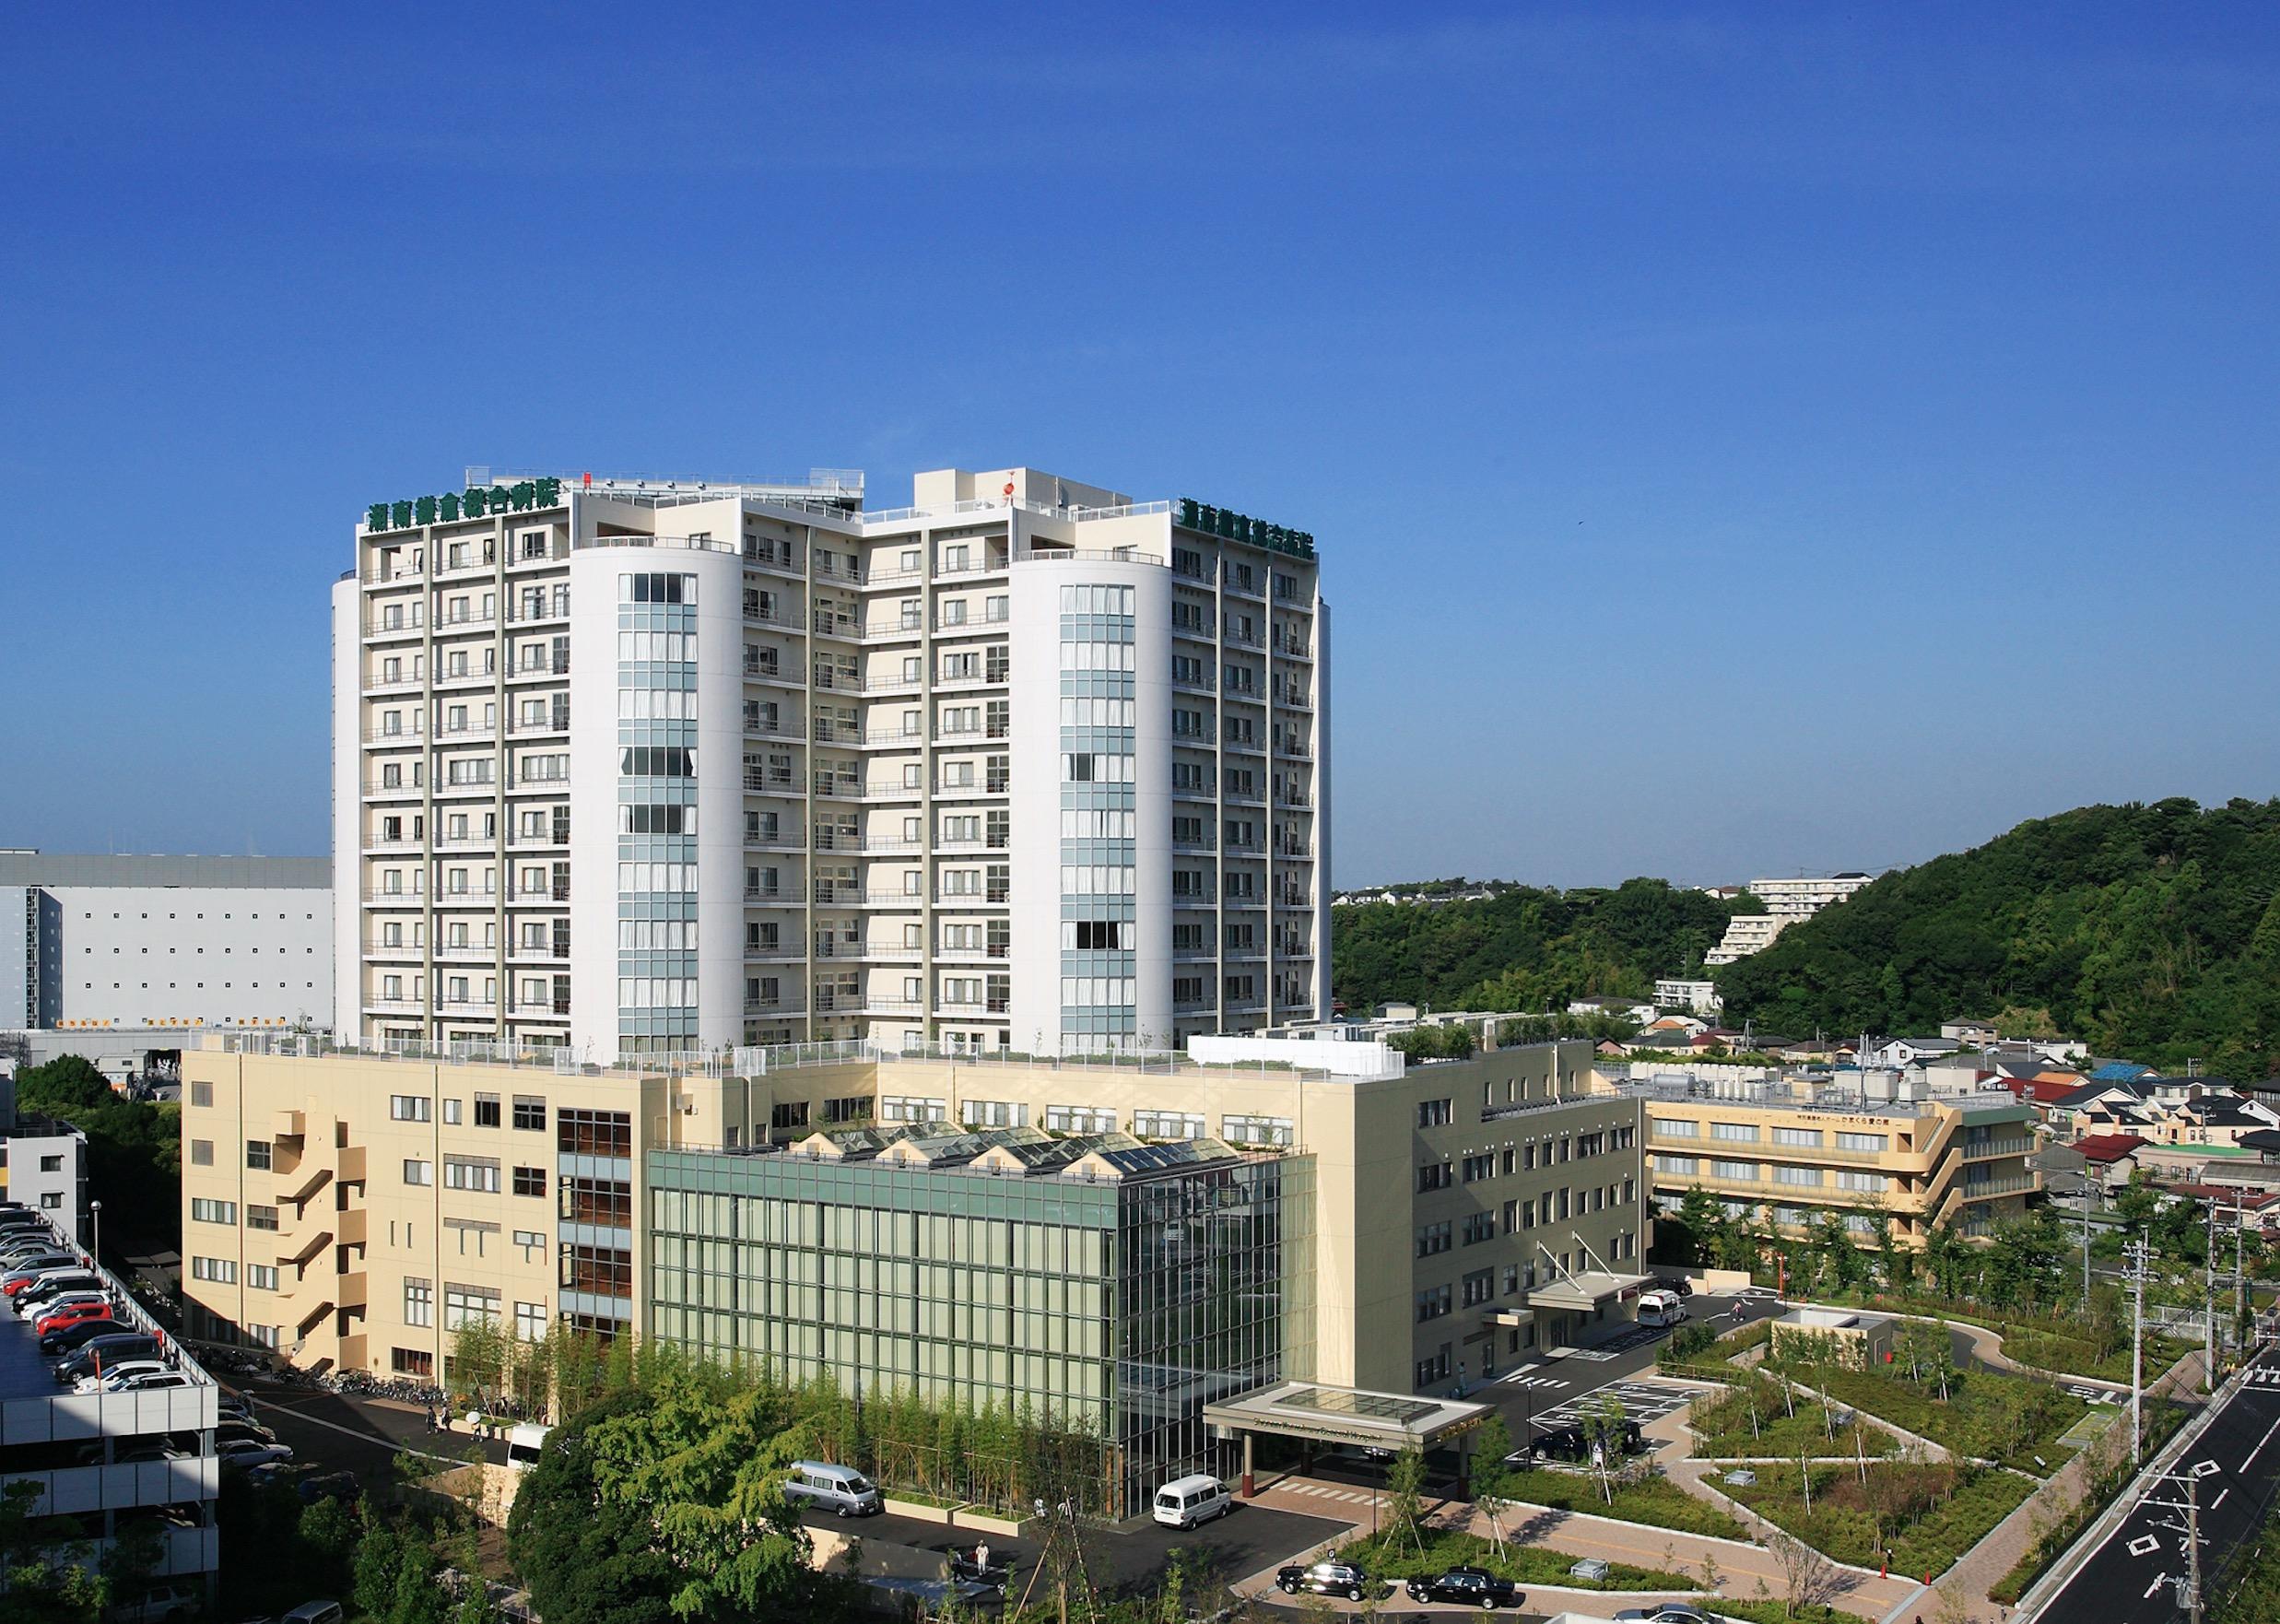 shonan-kamakura-sougou-hospital.jpg